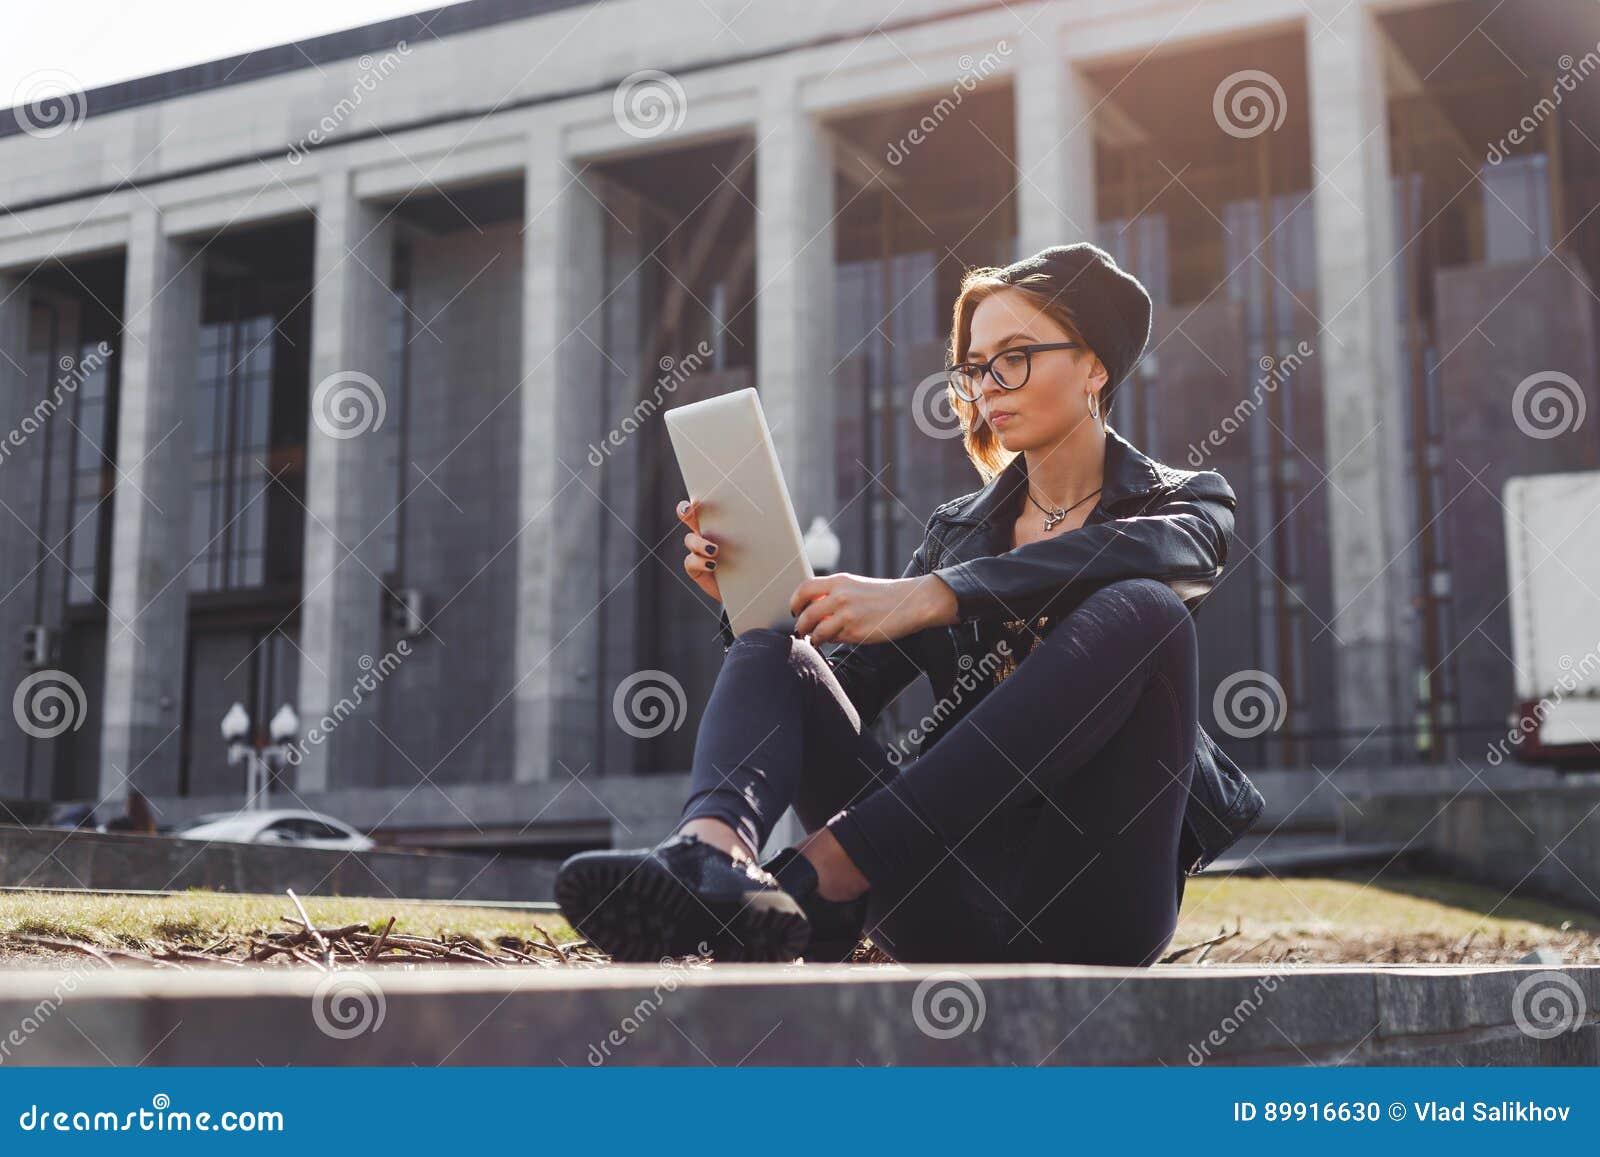 Модно одетая девушка битника в связанной шляпе использует электронную таблетку сидя снаружи в городе